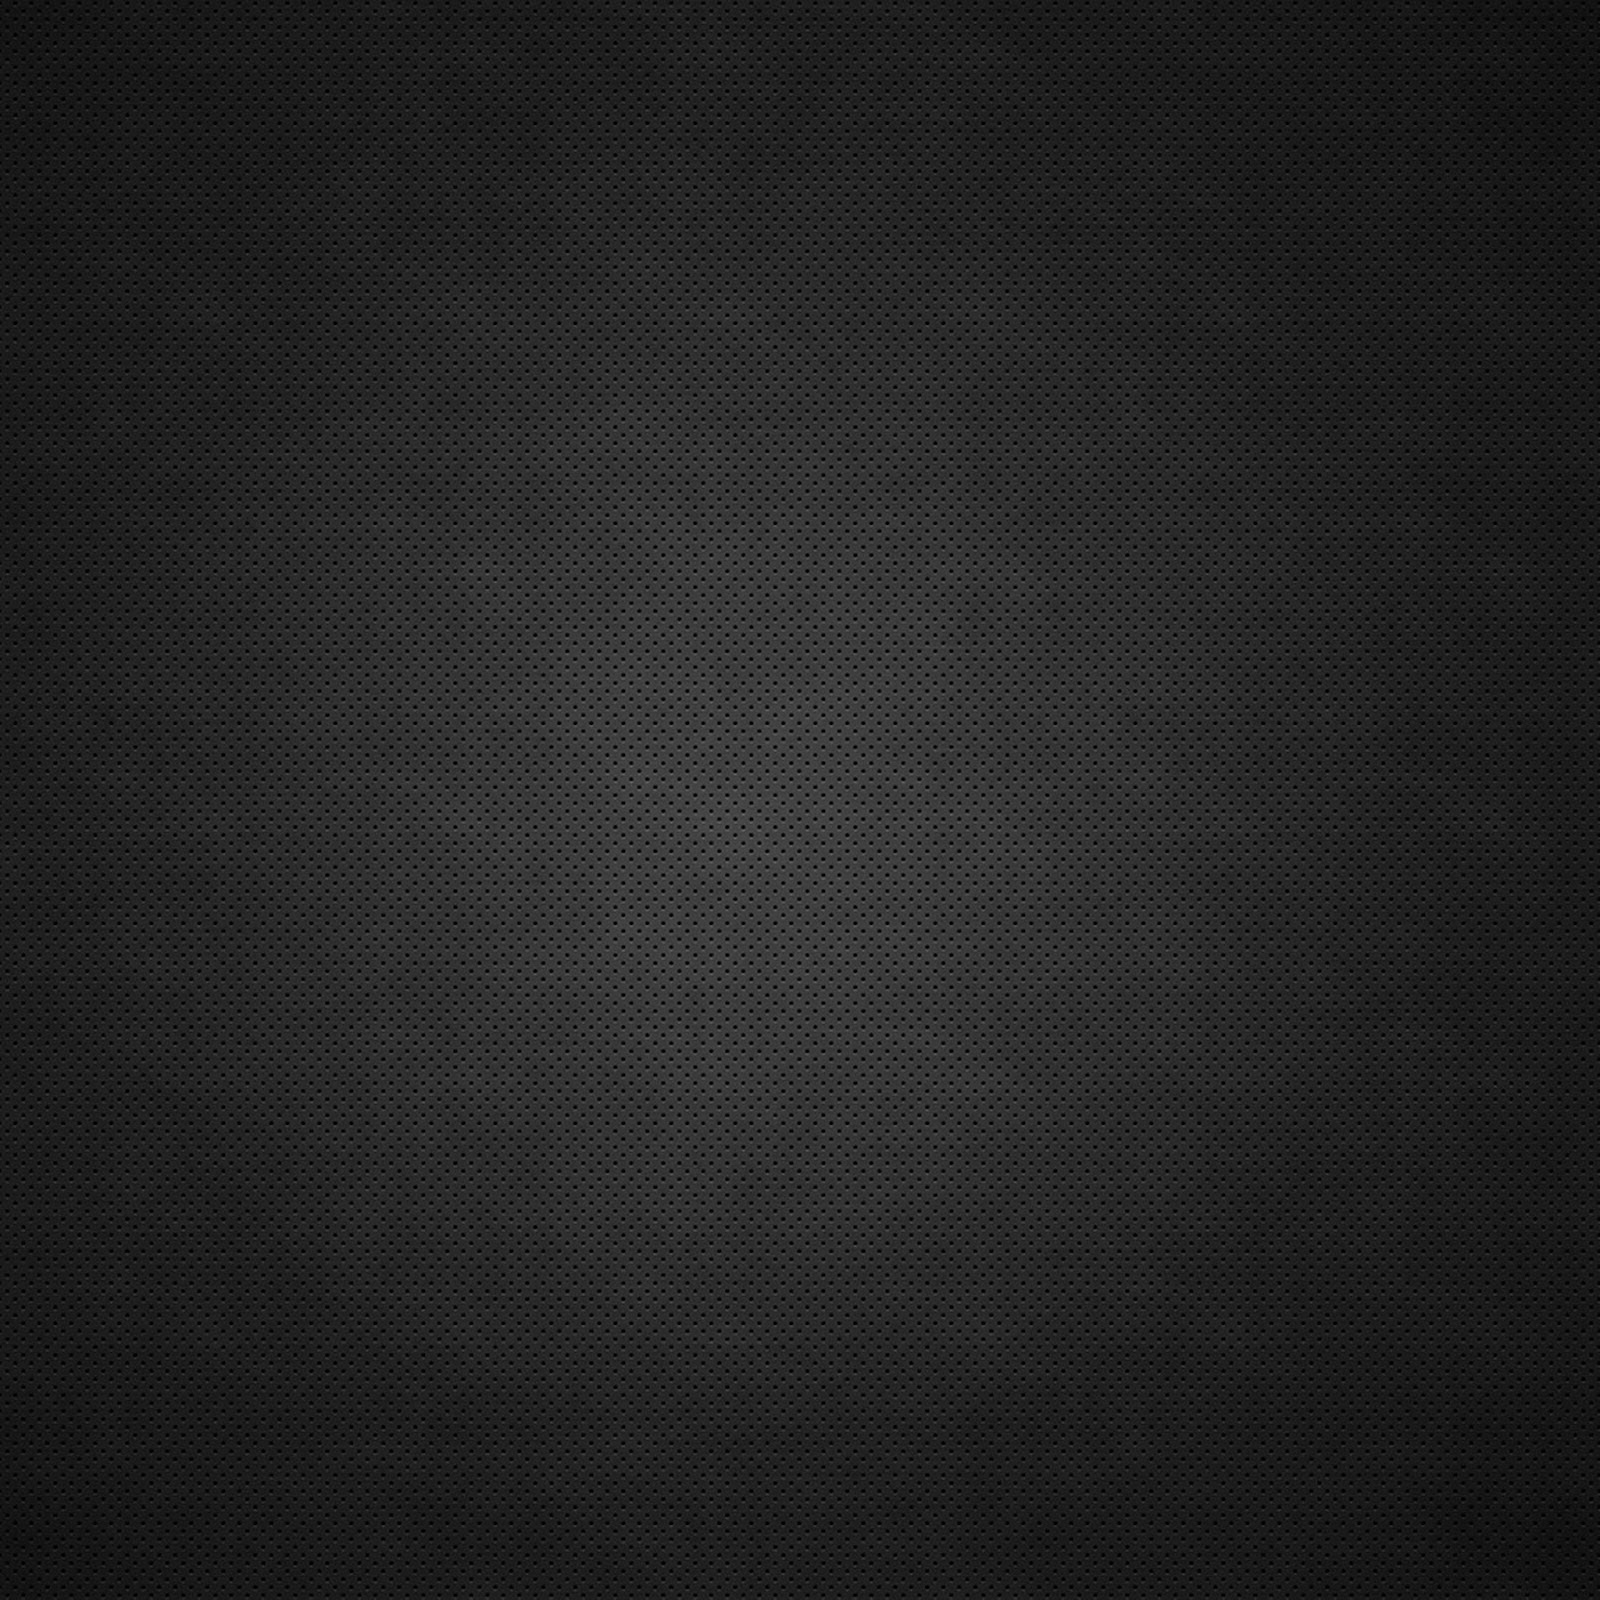 new ipad black wallpapers free retina ipad wallpaper